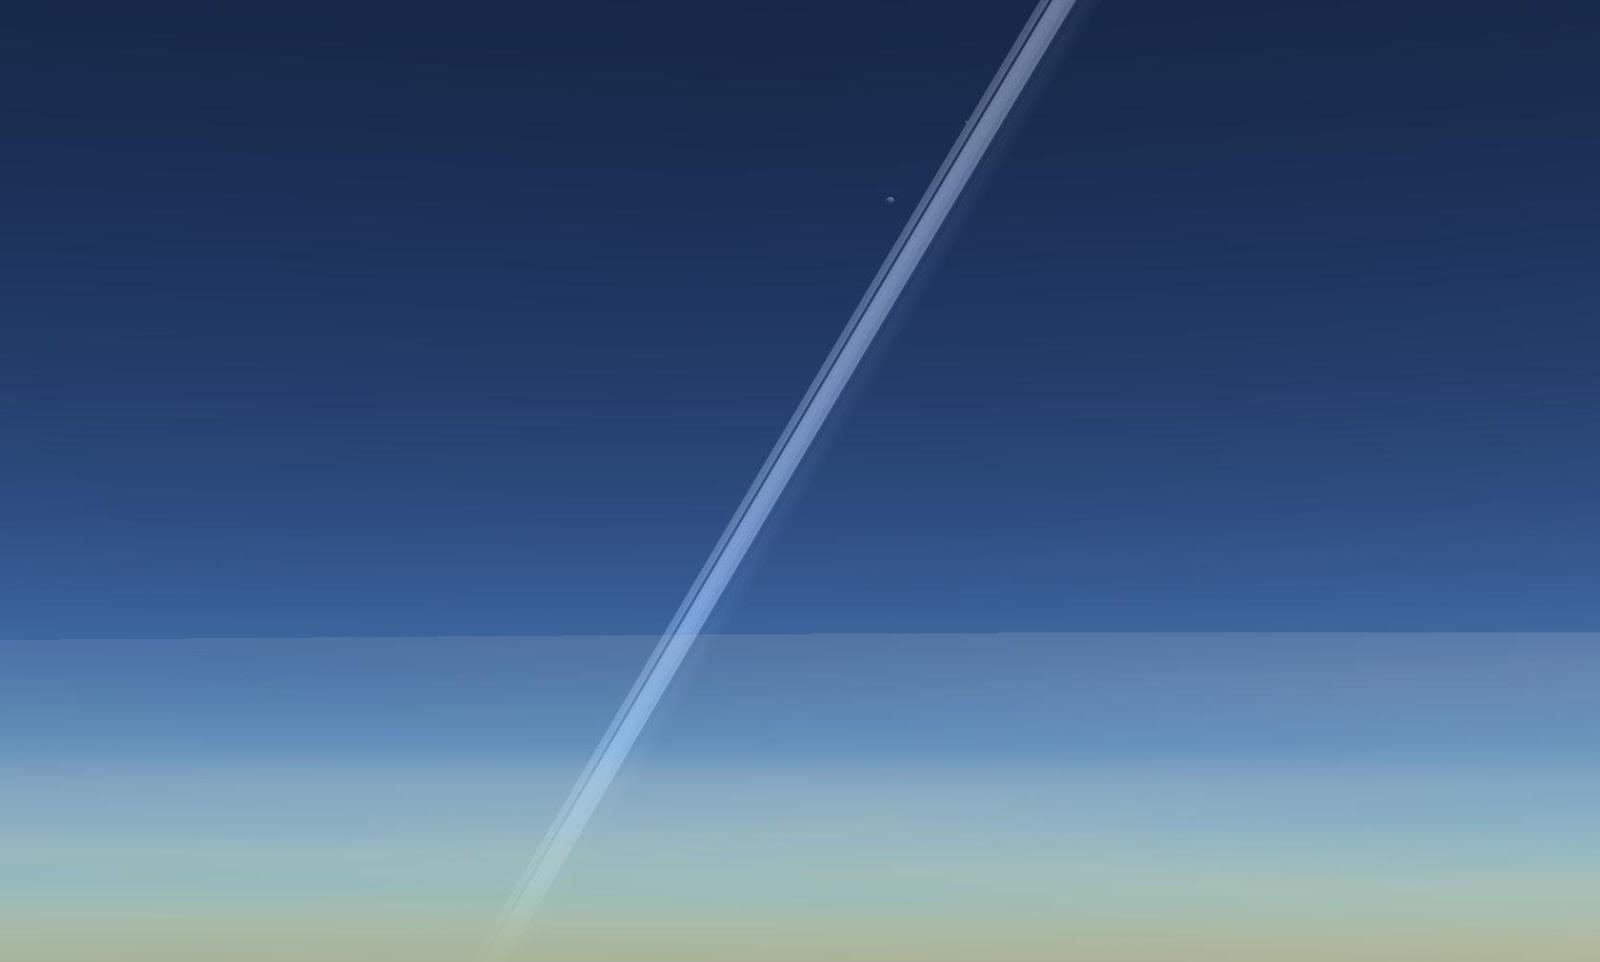 Vành đai của hành tinh Thổ và vệ tinh Prometheus của nó. Tác giả : John Brady ở Astronomy Central trên mạng xã hội Reddit.